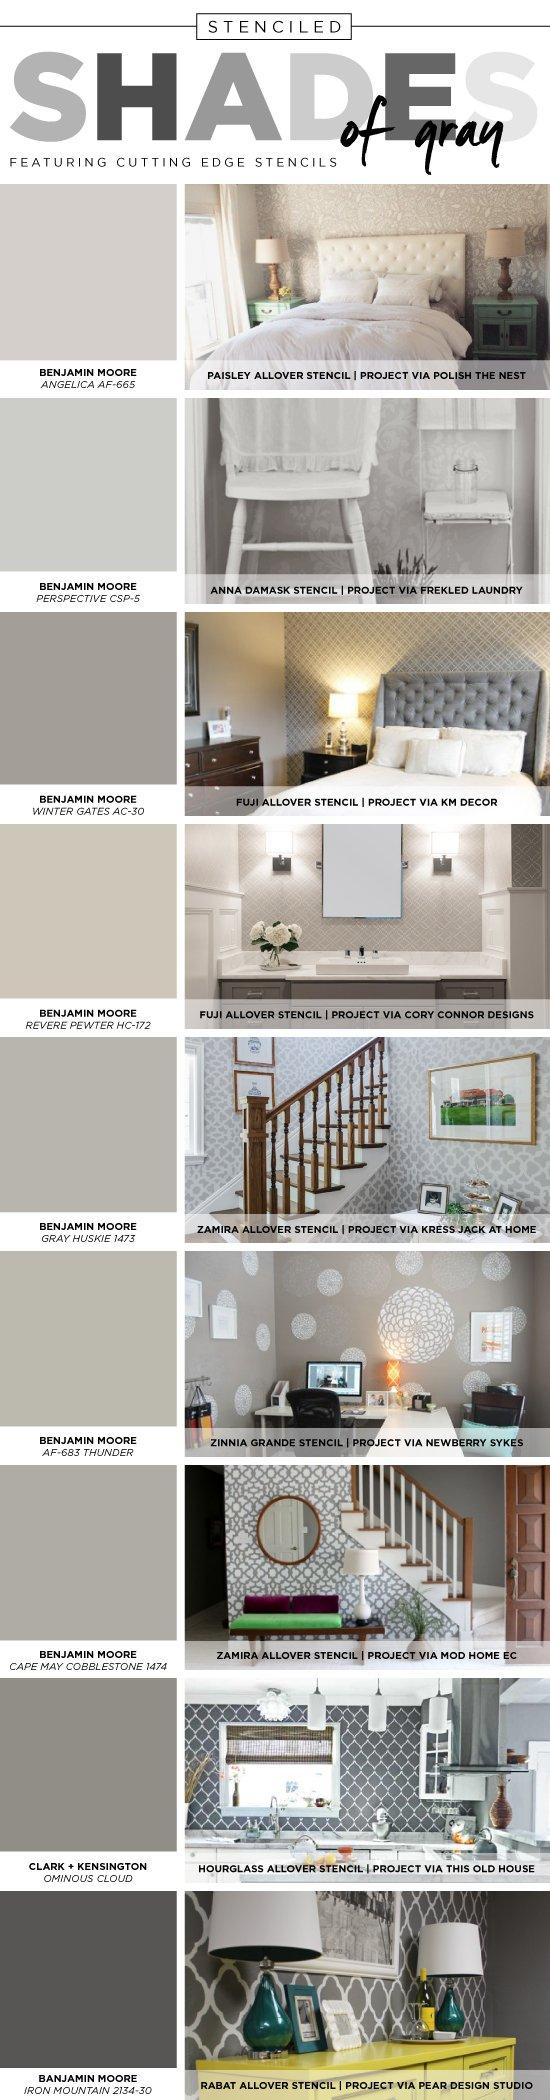 Cutting Edge Stencils shares DIY stenciled shades of gray room ideas. http://www.cuttingedgestencils.com/wall-stencils-stencil-designs.html